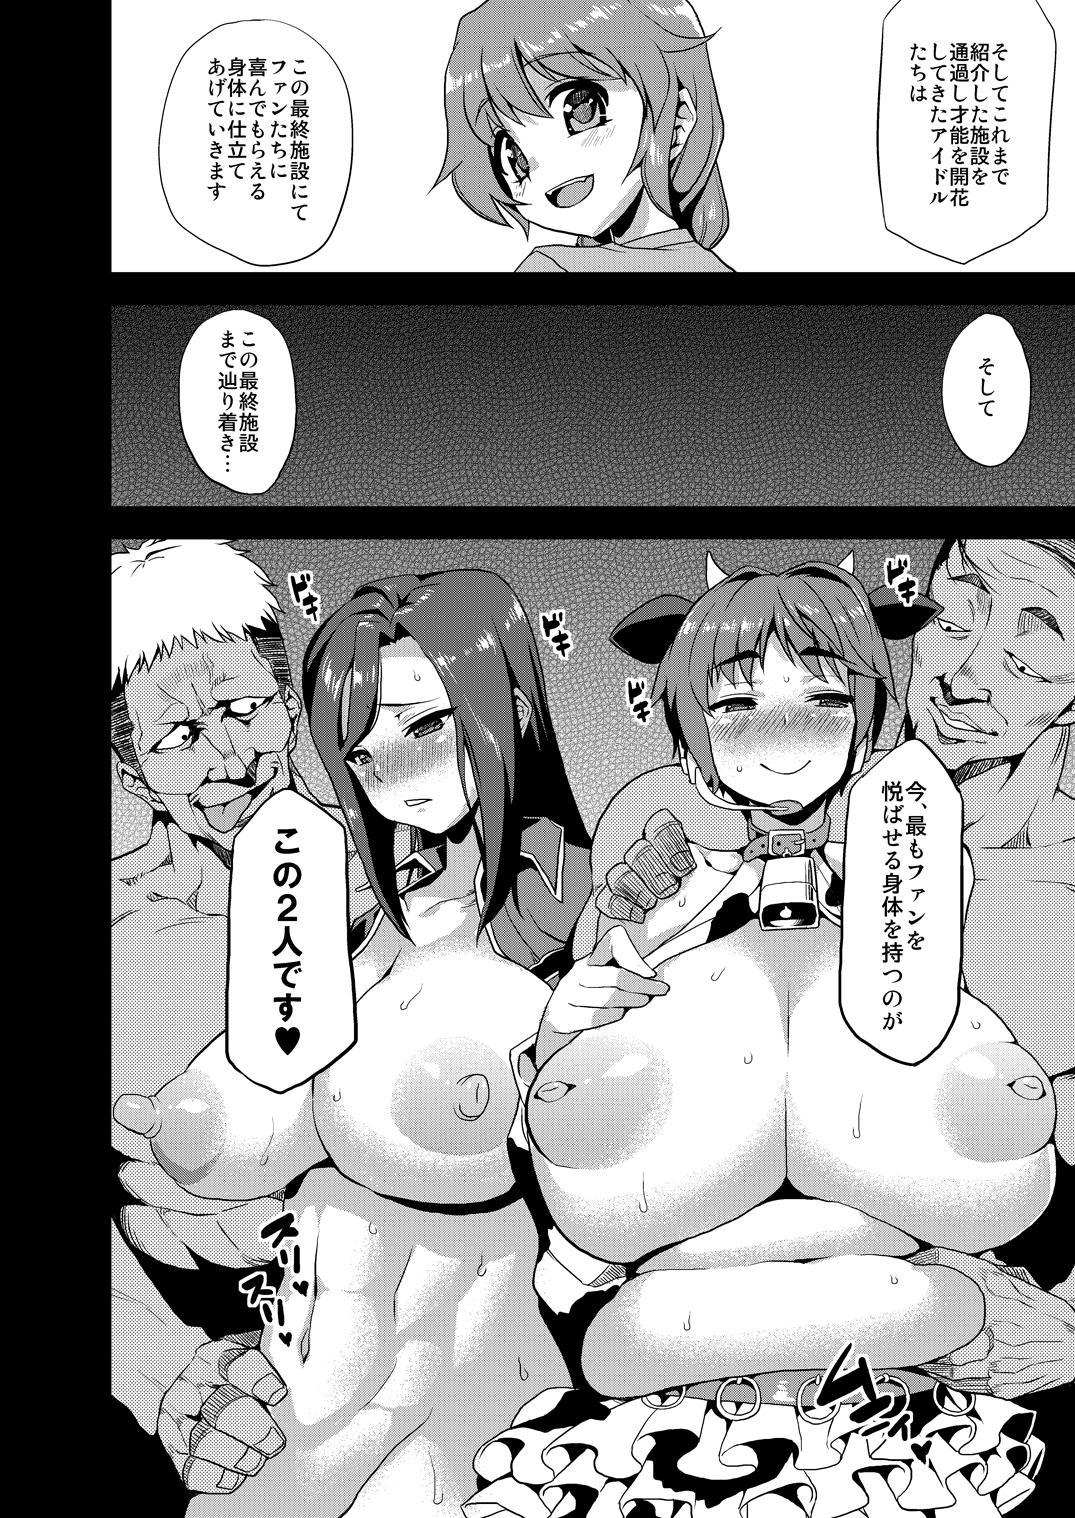 Hentai Idol Bokujou 8